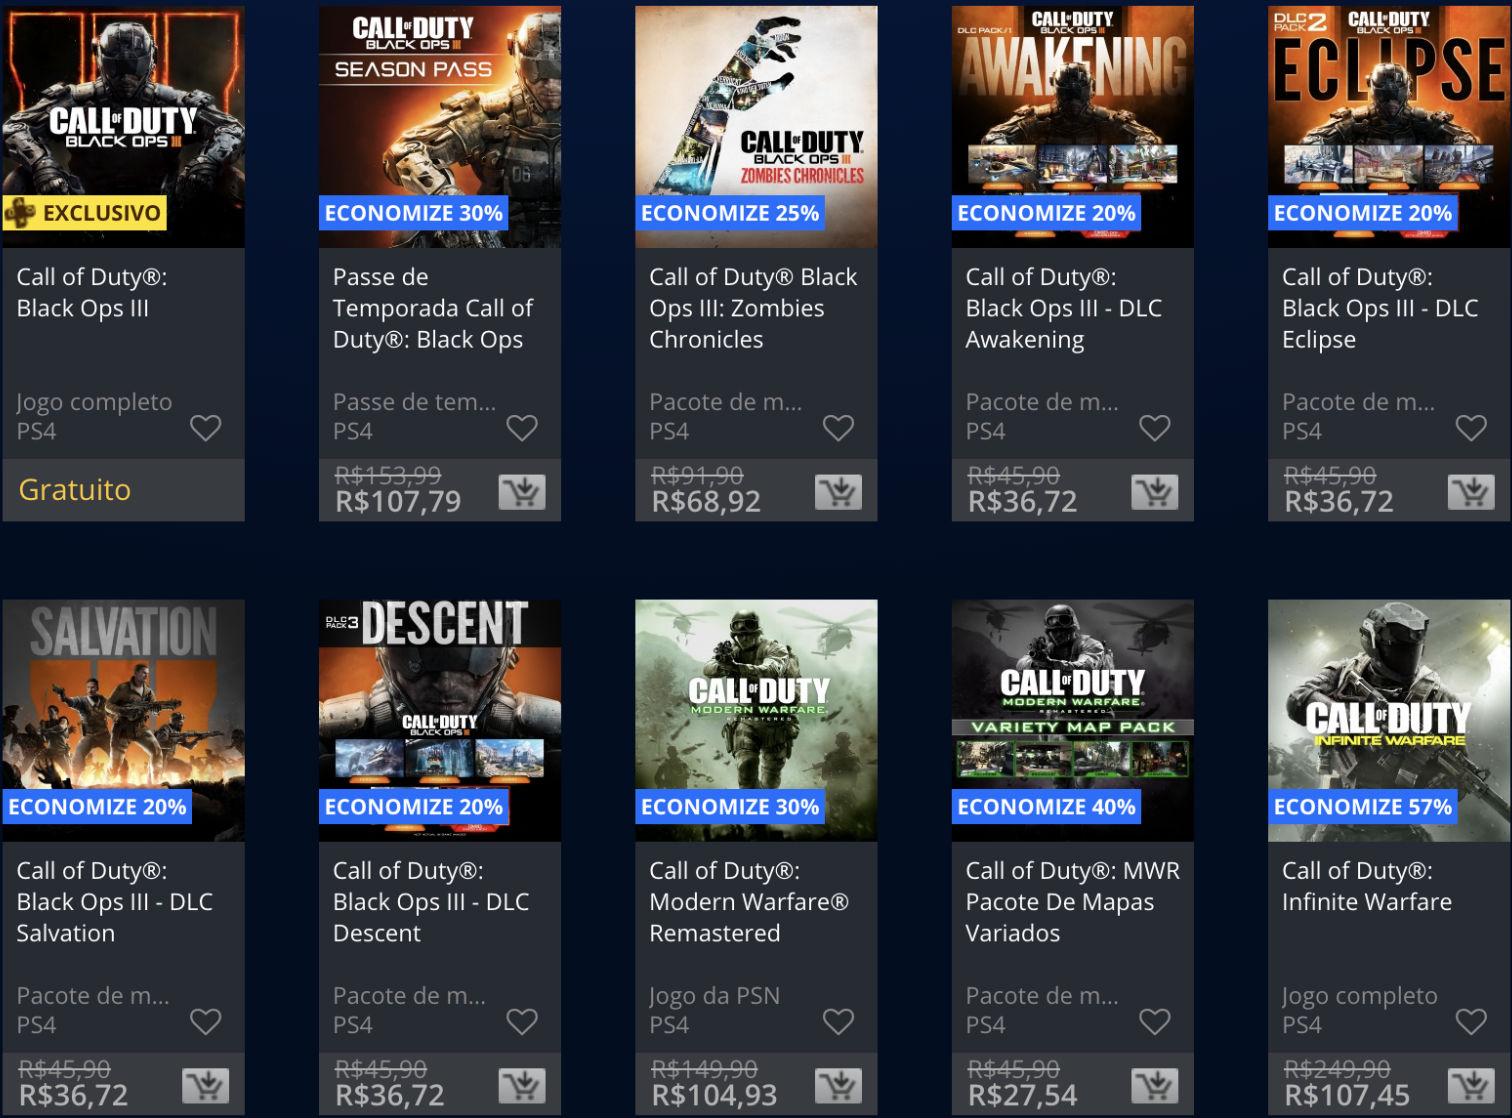 Promoção da semana na PS Store com jogos Call of Duty 4